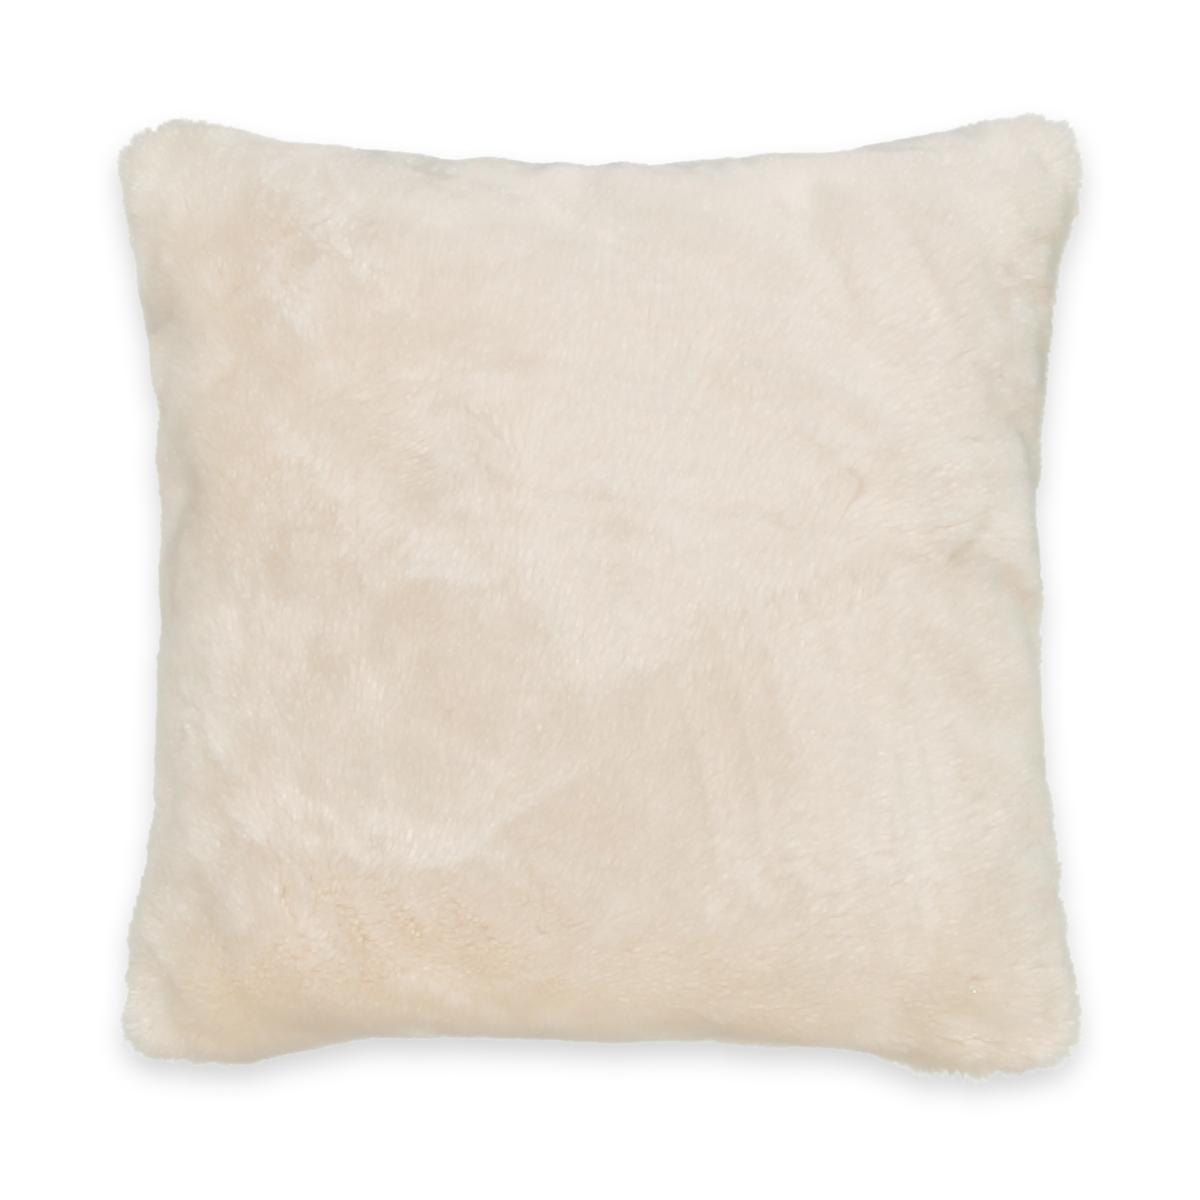 Чехол для подушки из искусственного меха KANPURЧехол для подушки из искусственного меха Kanpur, качество уровня Qualit? Best. Идеален для создания теплой атмосферы в вашем интерьере .Характеристики чехла для подушки Kanpur :- Искусственный мех 76 % акрила, 24 % полиэстера . - Застежка на скрытую молнию. Размеры чехла для подушки Kanpur :- 45 x 45 см.- 50 x 30 см.Подушка.Подушка Terra продается отдельно на нашем сайте.Знак Oeko-Tex® гарантирует, что товары прошли проверку и были изготовлены без применения вредных для здоровья человека веществ.<br><br>Цвет: бежевый<br>Размер: 45 x 45  см